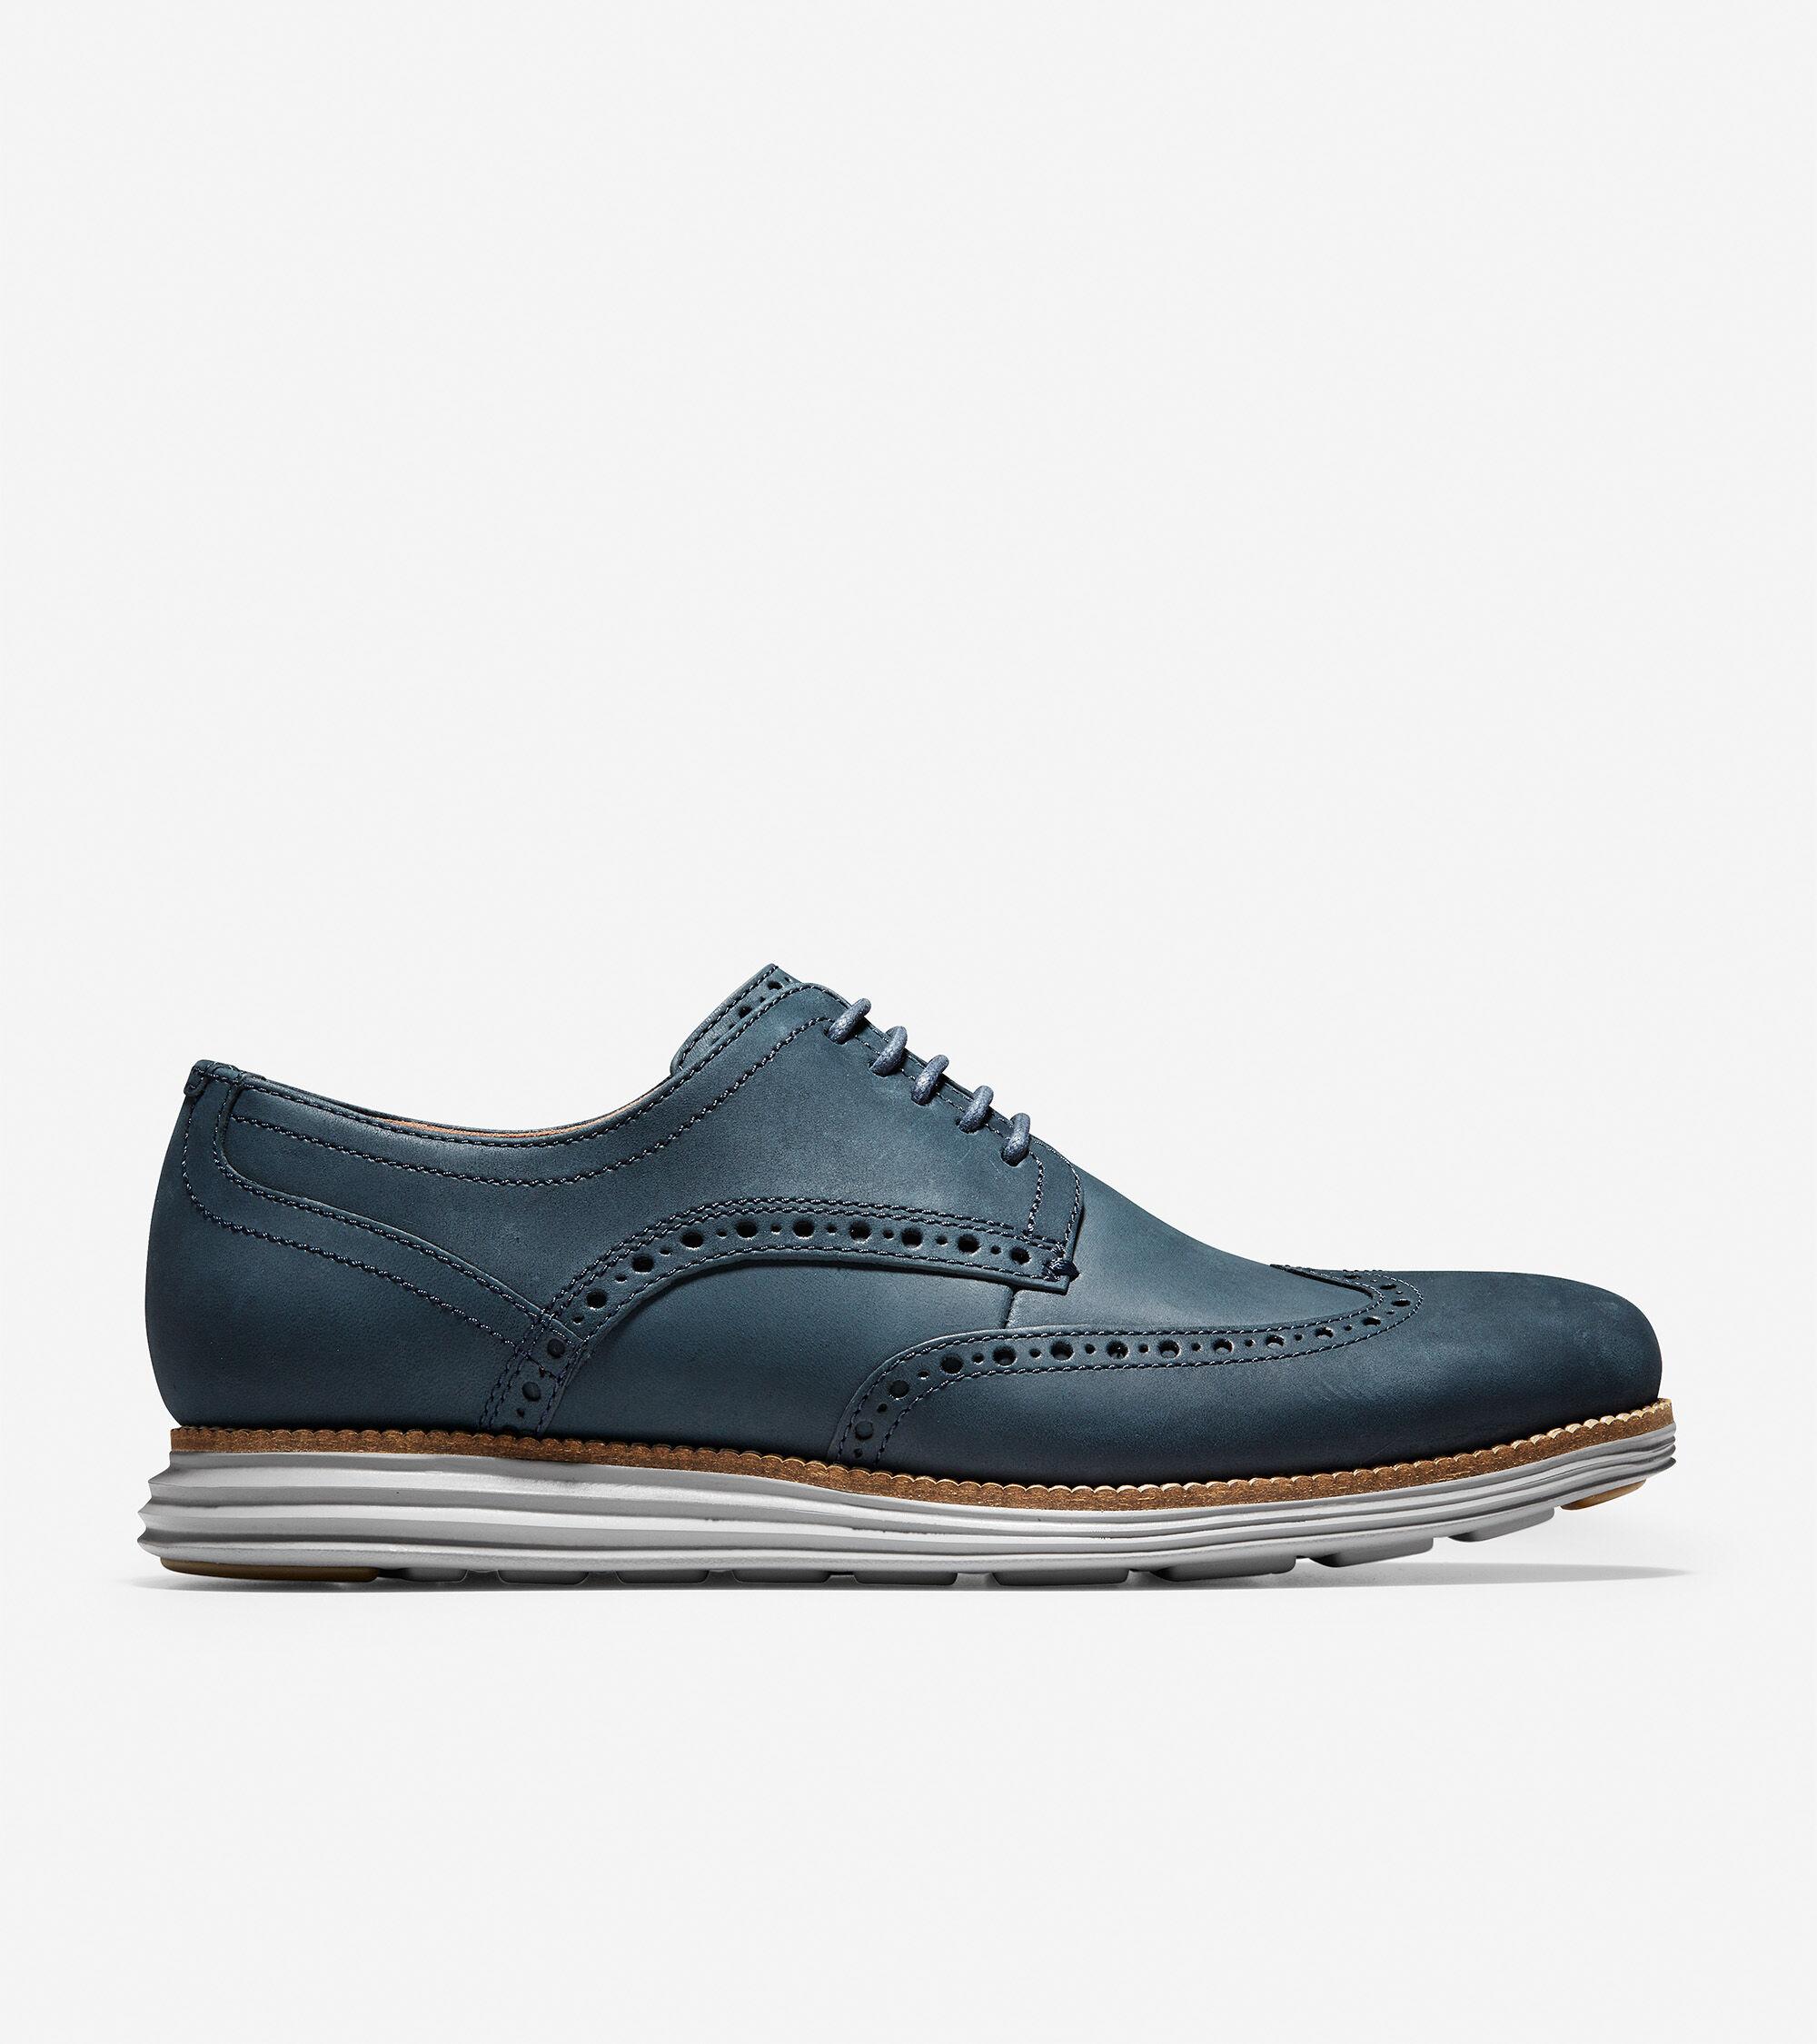 87851af0347 Men s OriginalGrand Wingtip Oxfords in Blazer Blue